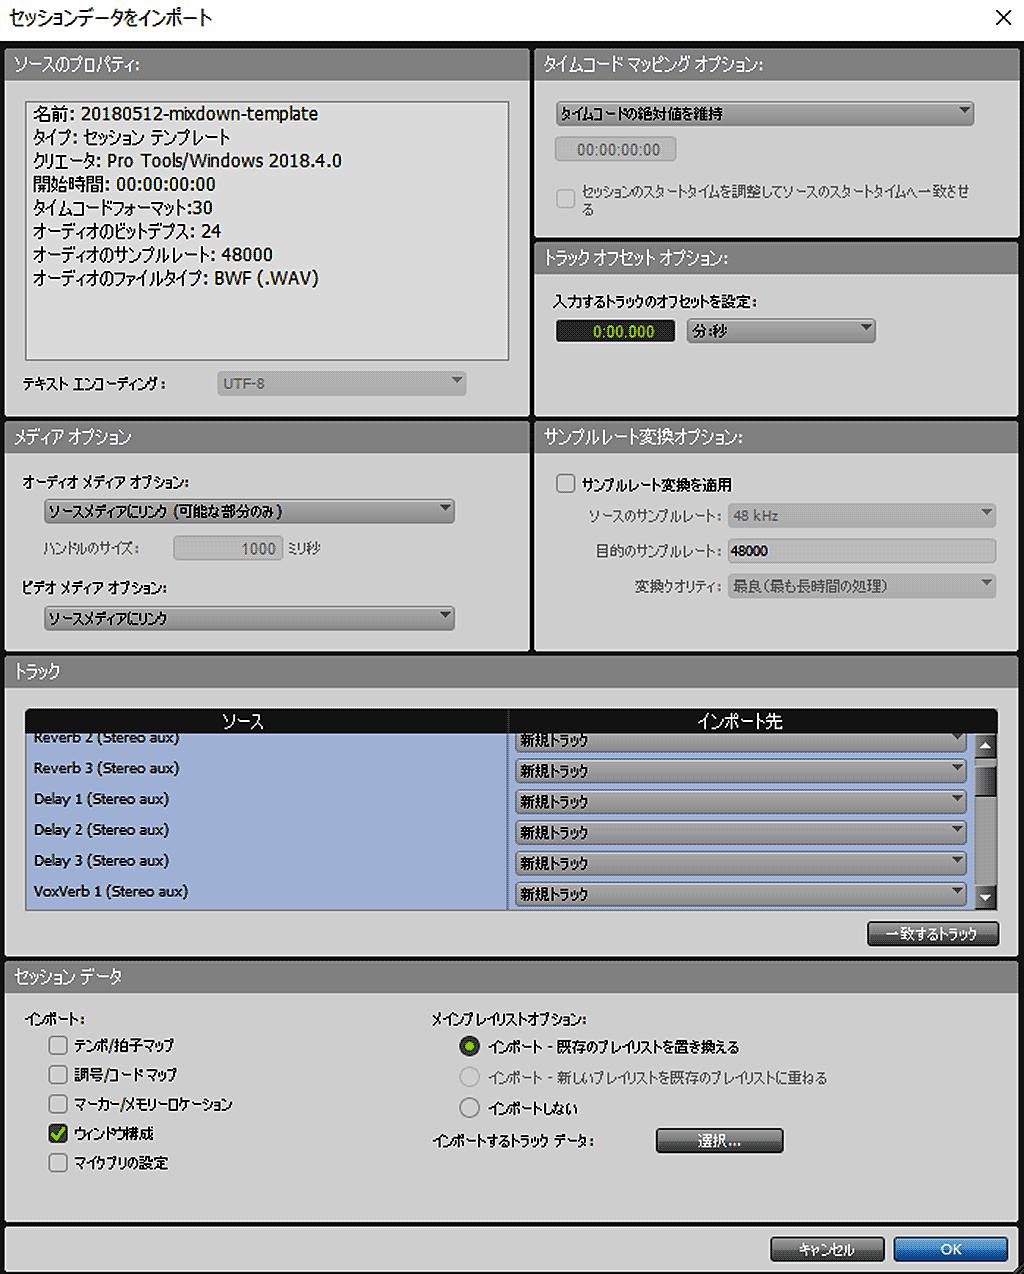 Pro Tools テンプレートのインポート